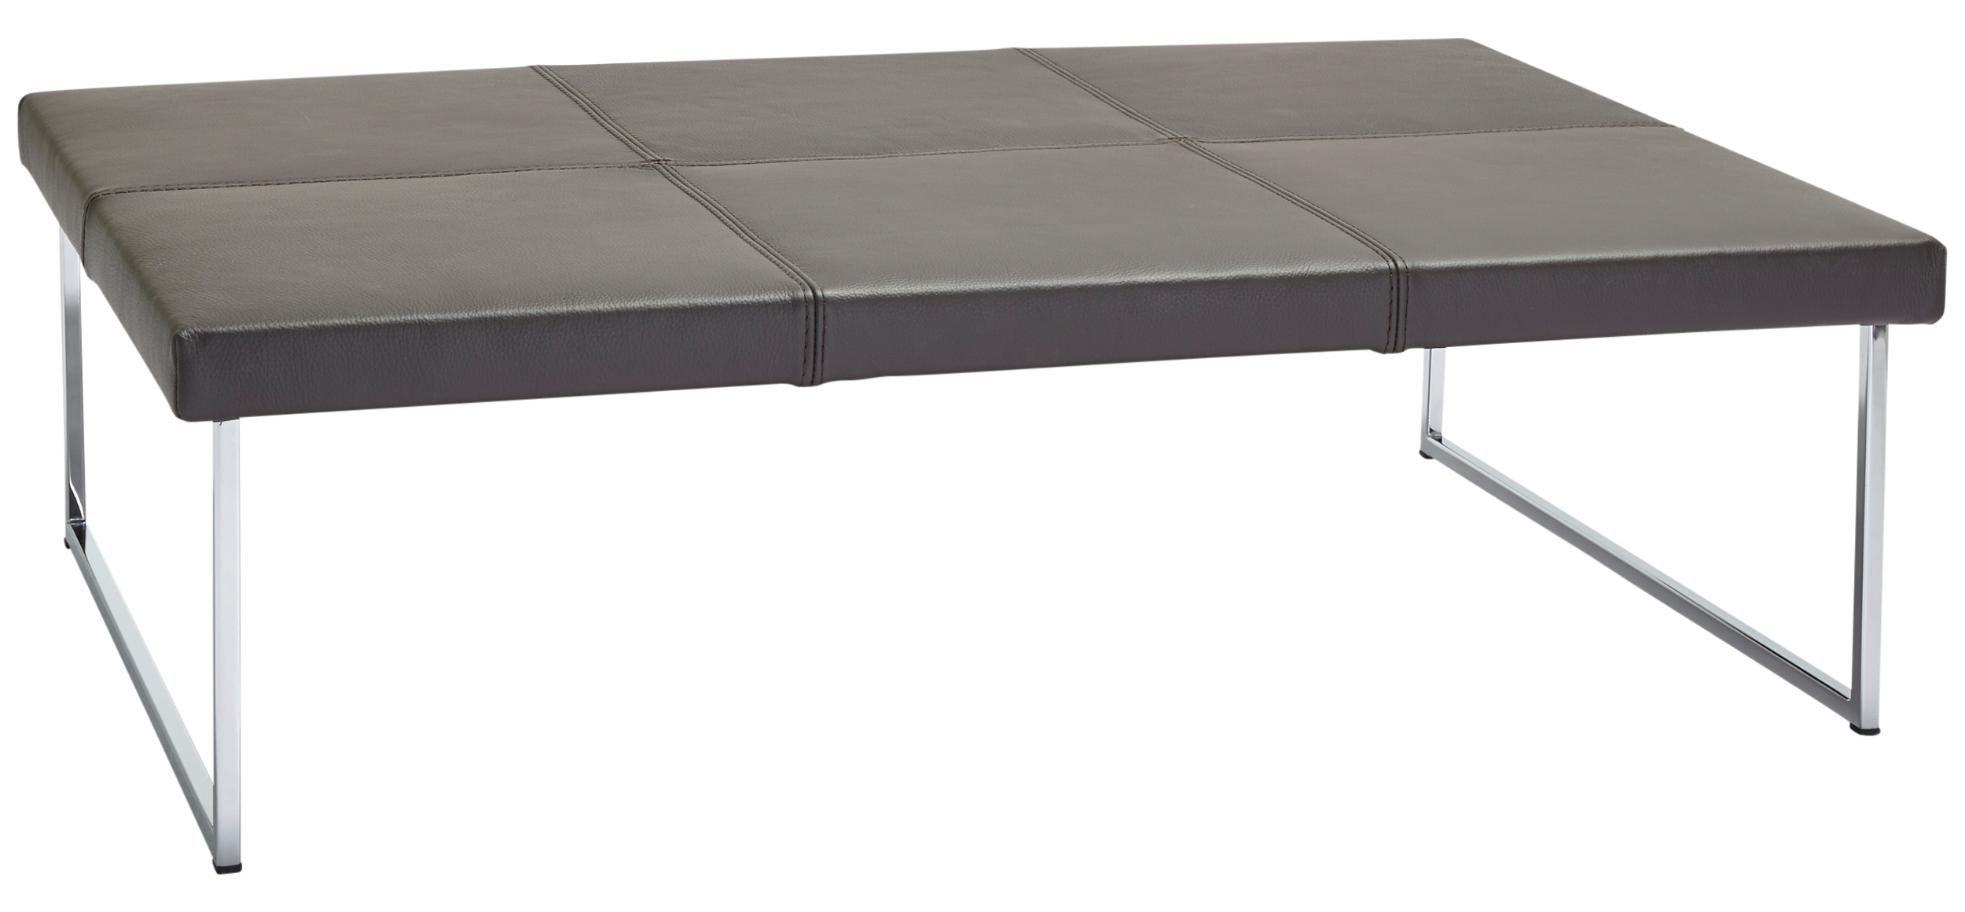 Couchtisch Global Amadora Mit Leder Tischplatte Berkemeier Home Company Couchtisch Couch Couchtische